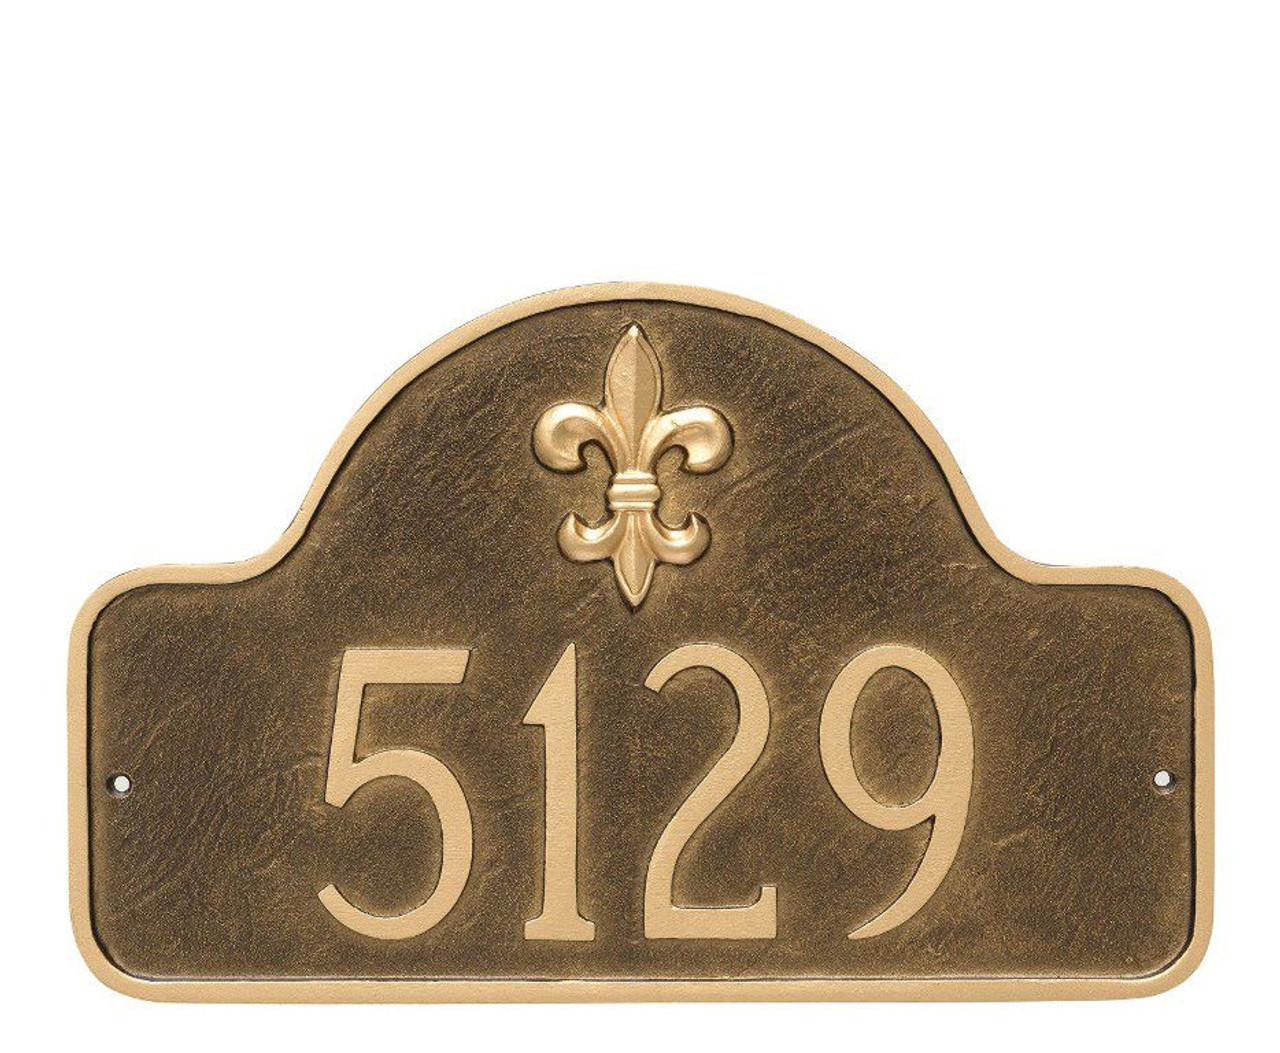 Fleur-de-lis Lexington Arch Address Sign - 1 line - Large Size in Aged Bronze/Gold